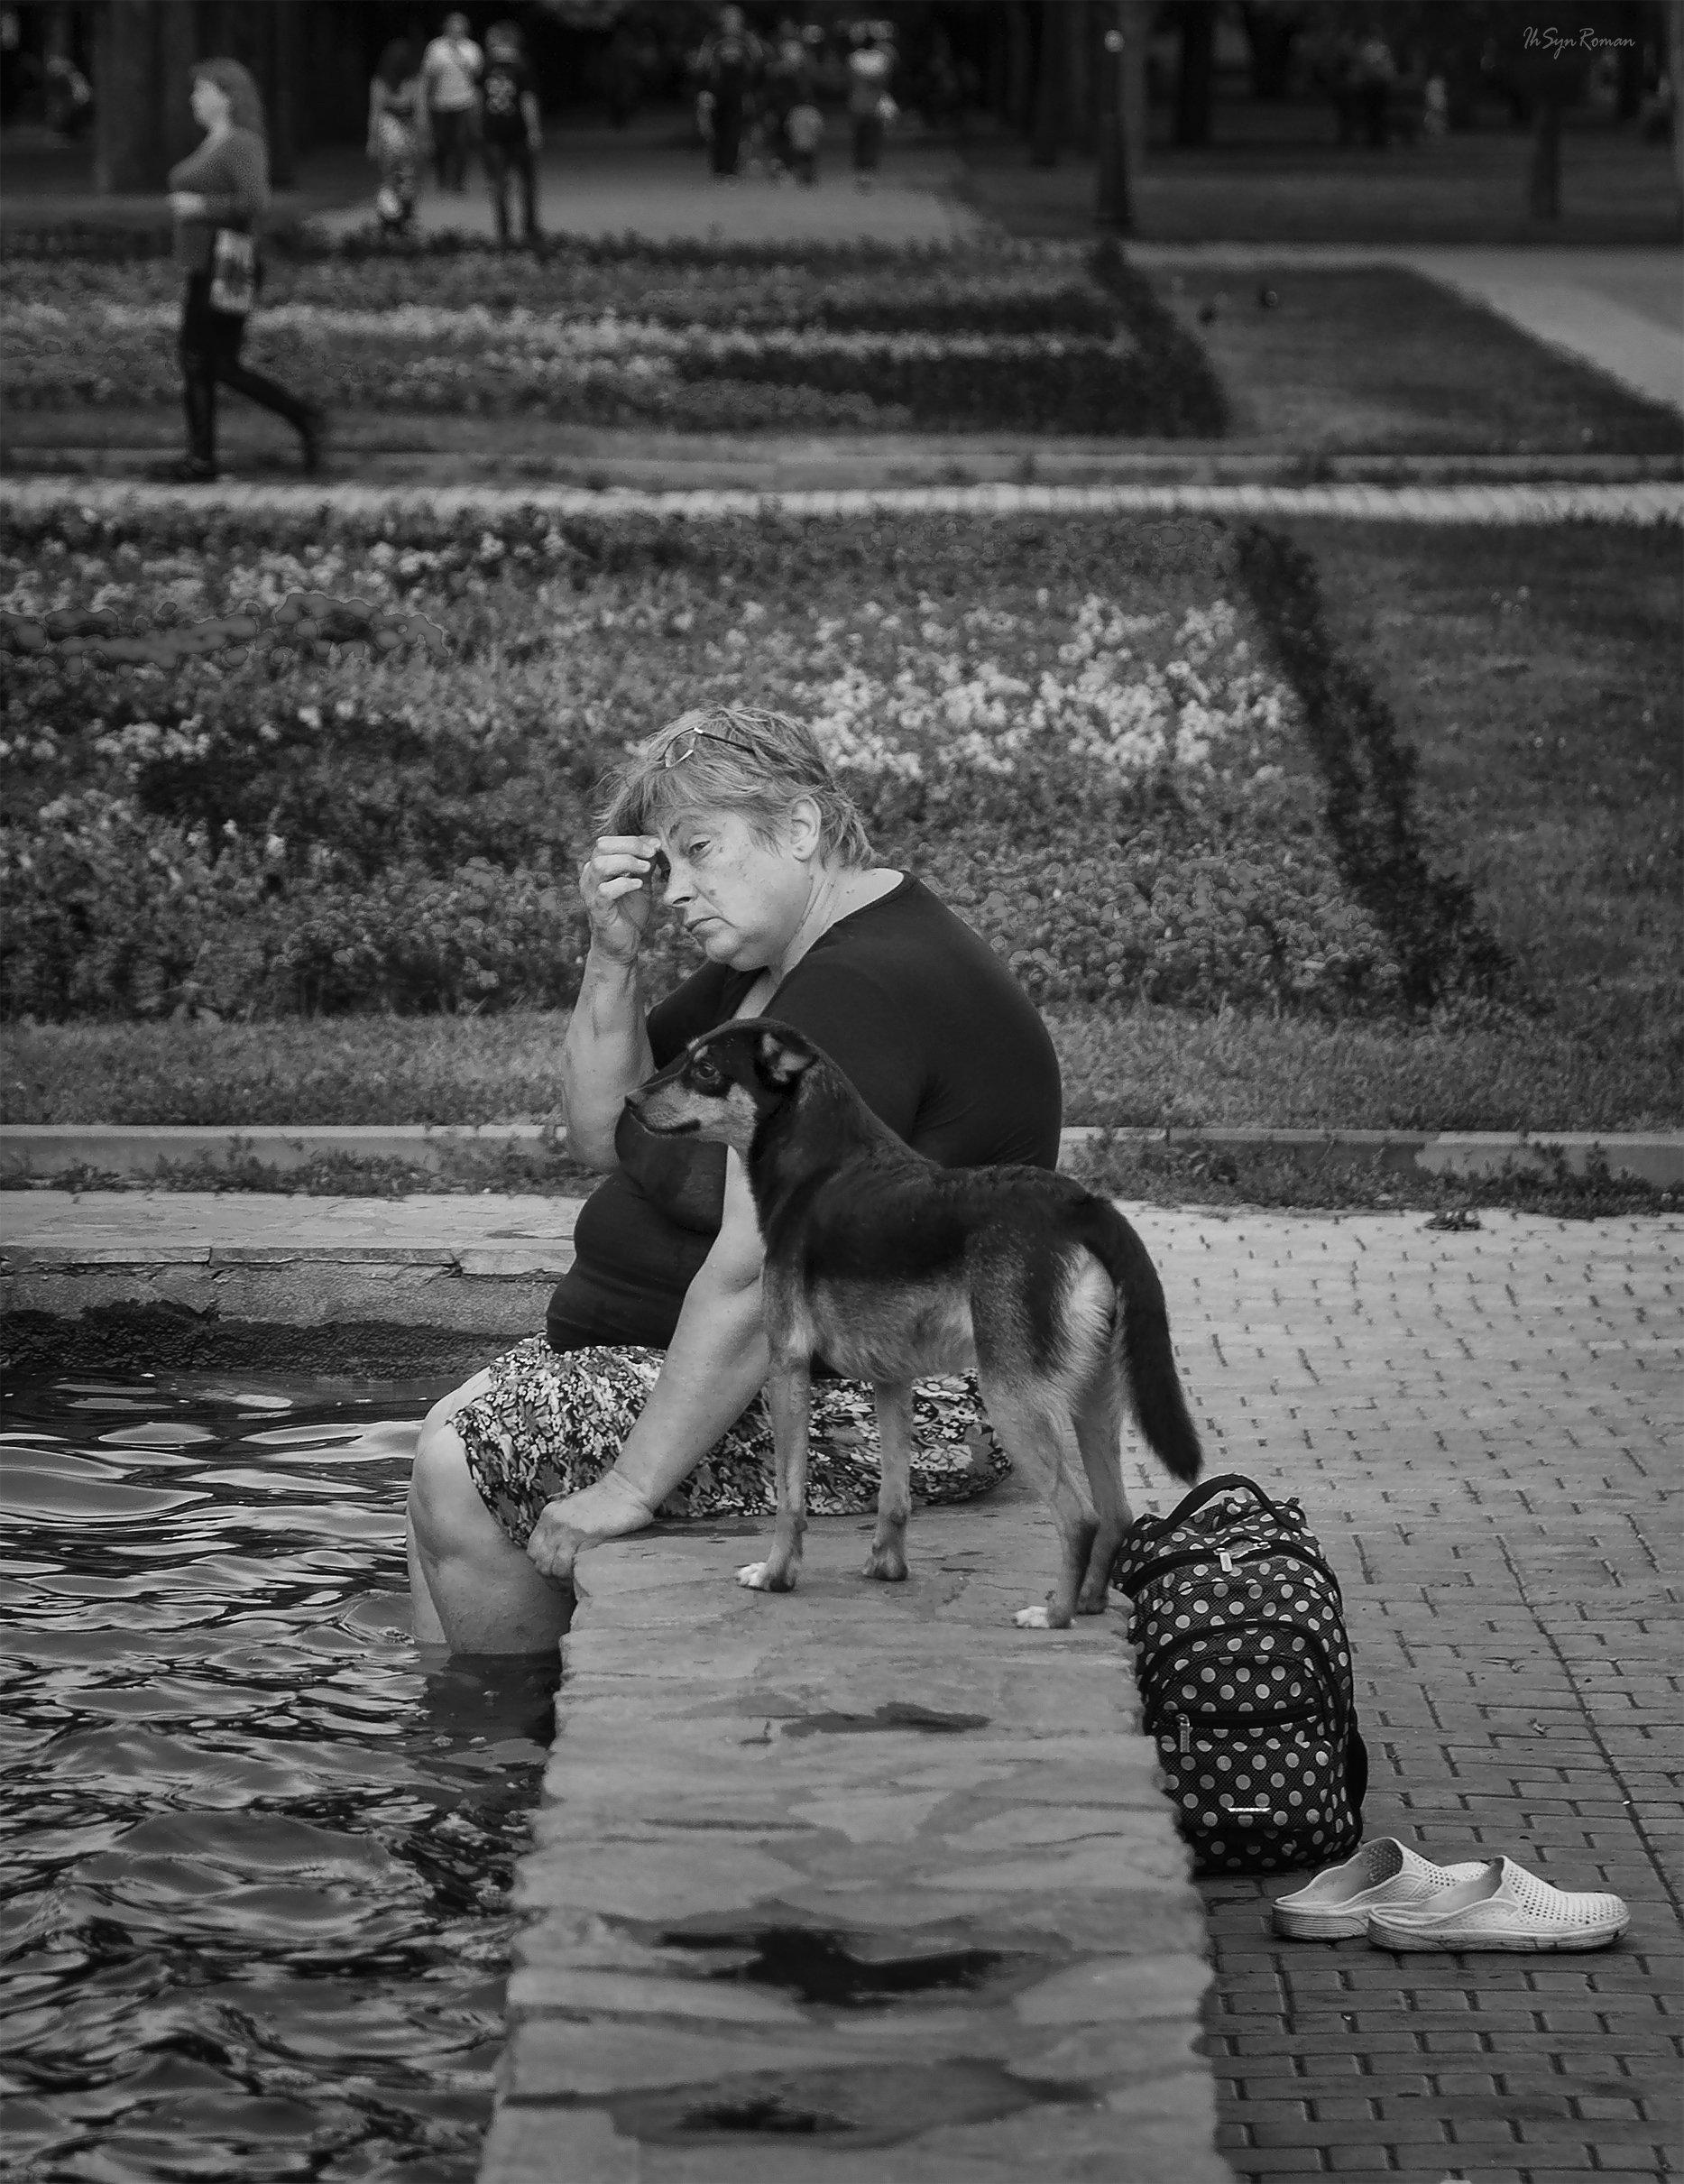 женщина,жанр,улица,собака,вода,фонтан, Roma  Chitinskiy